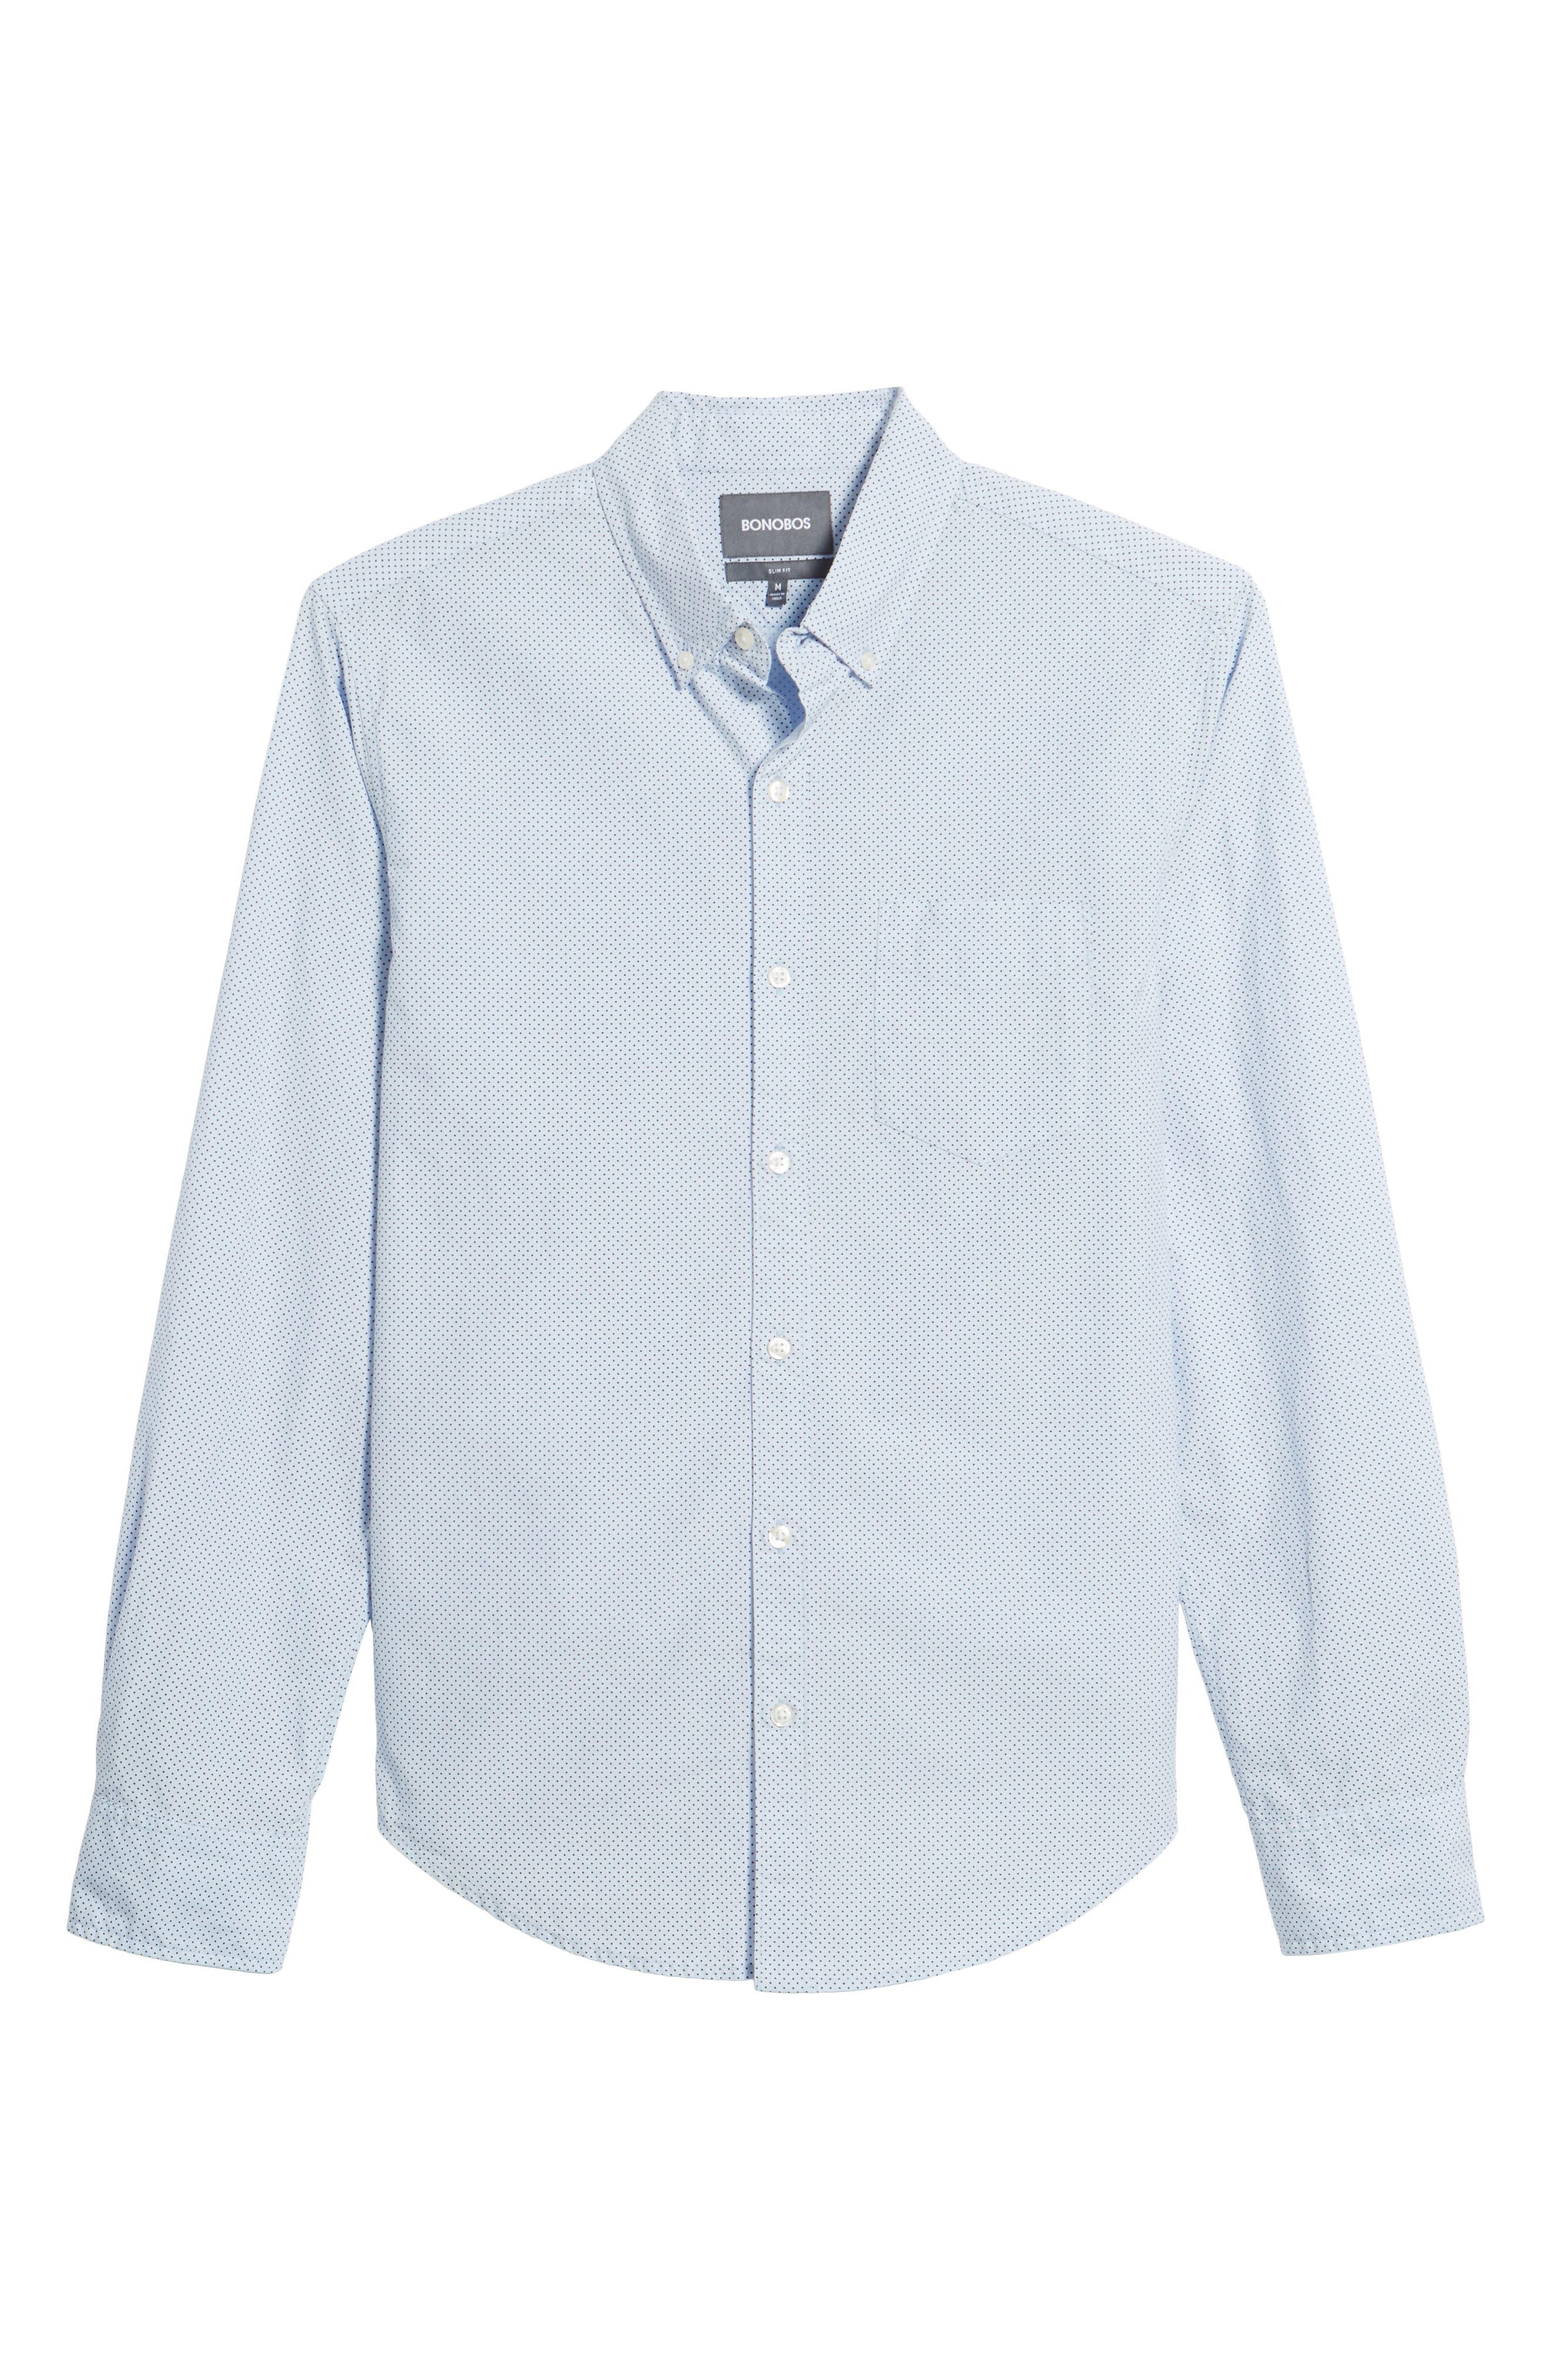 Slim Fit Dot Print Sport Shirt,                             Alternate thumbnail 6, color,                             Cannes Blue Fine Dots